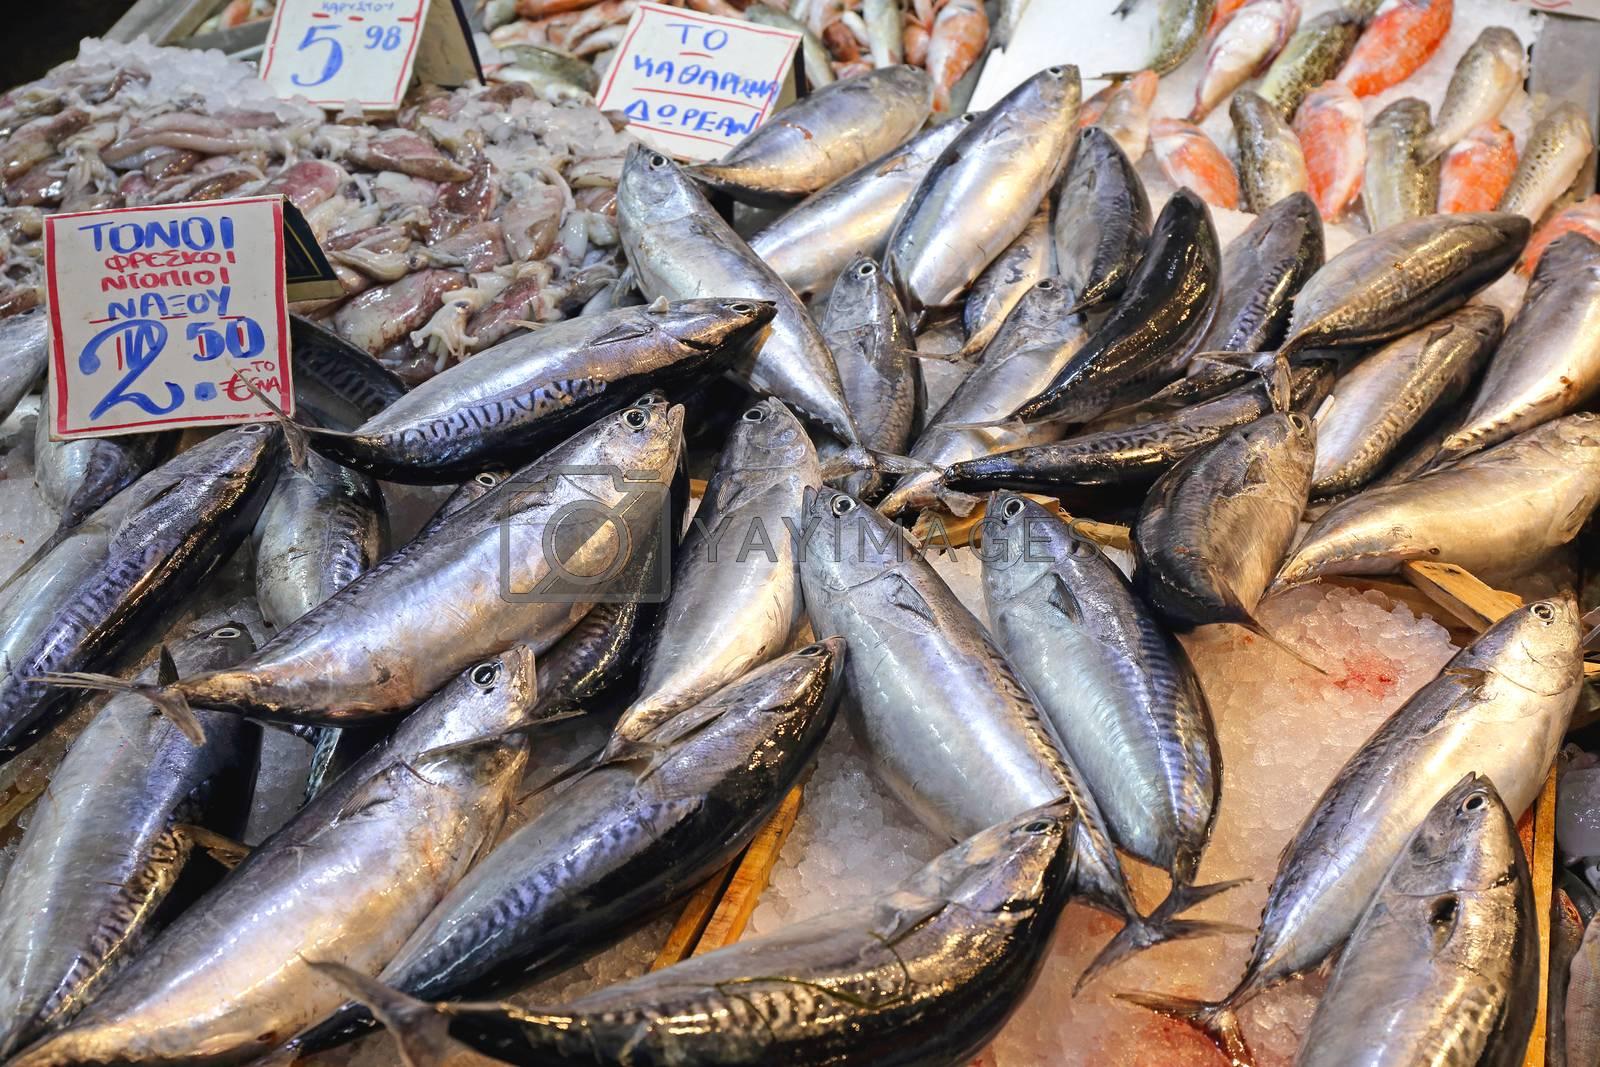 Small Tuna Fish Atlatic Bonito Sarda variety